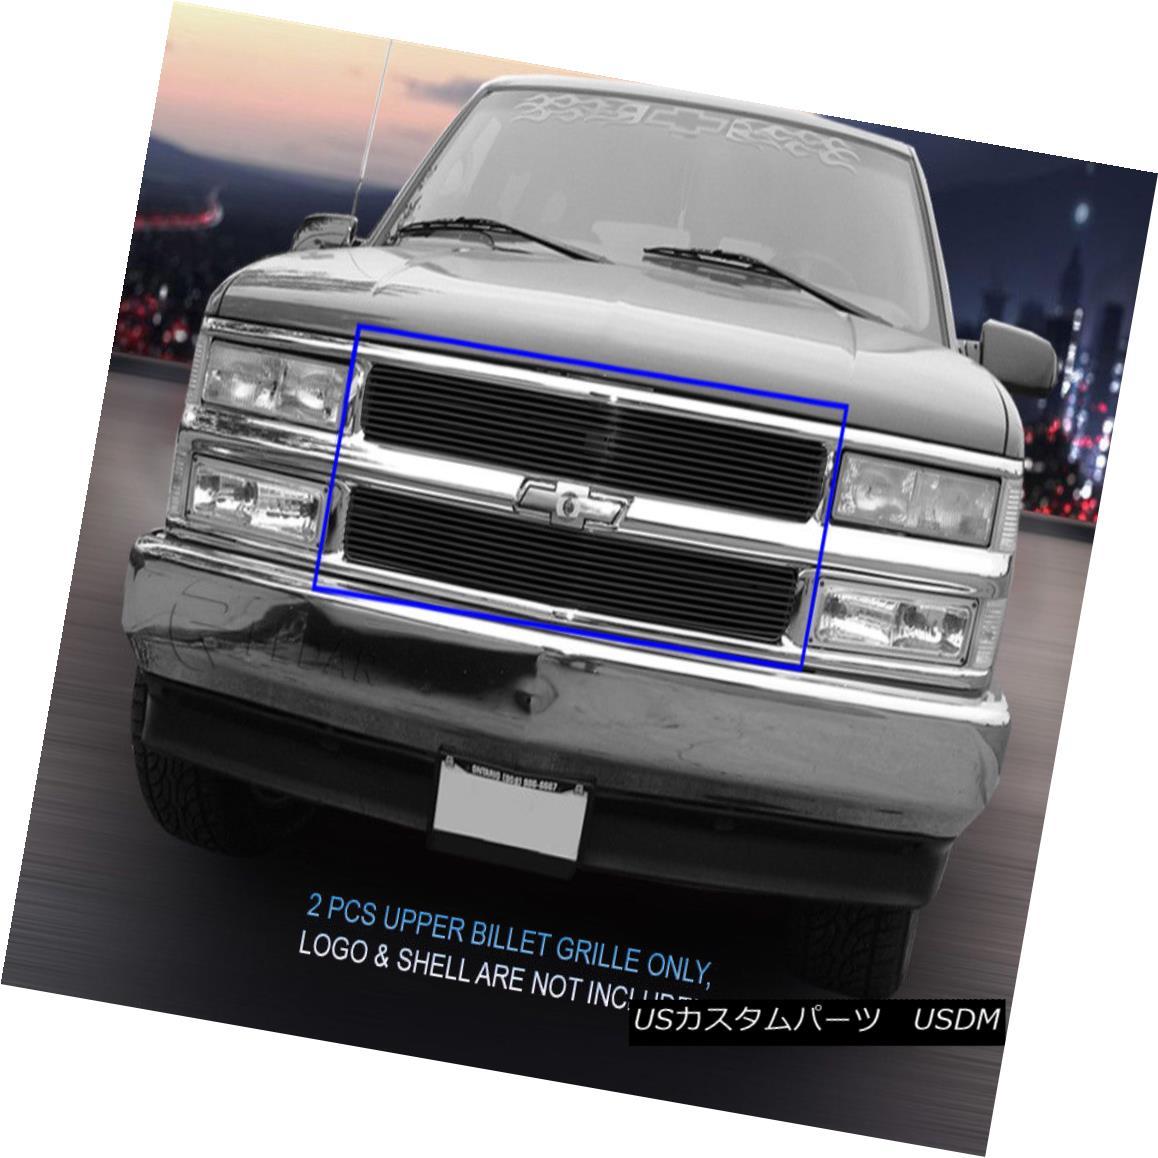 グリル 94-99 Chevy Blazer C/K Pickup Tahoe Suburban Black Billet Grille Insert Fedar 94-99シボレー・ブレーザC / Kピックアップ・タホ郊外ブラック・ビレット・グリル・インサート・フェルダ